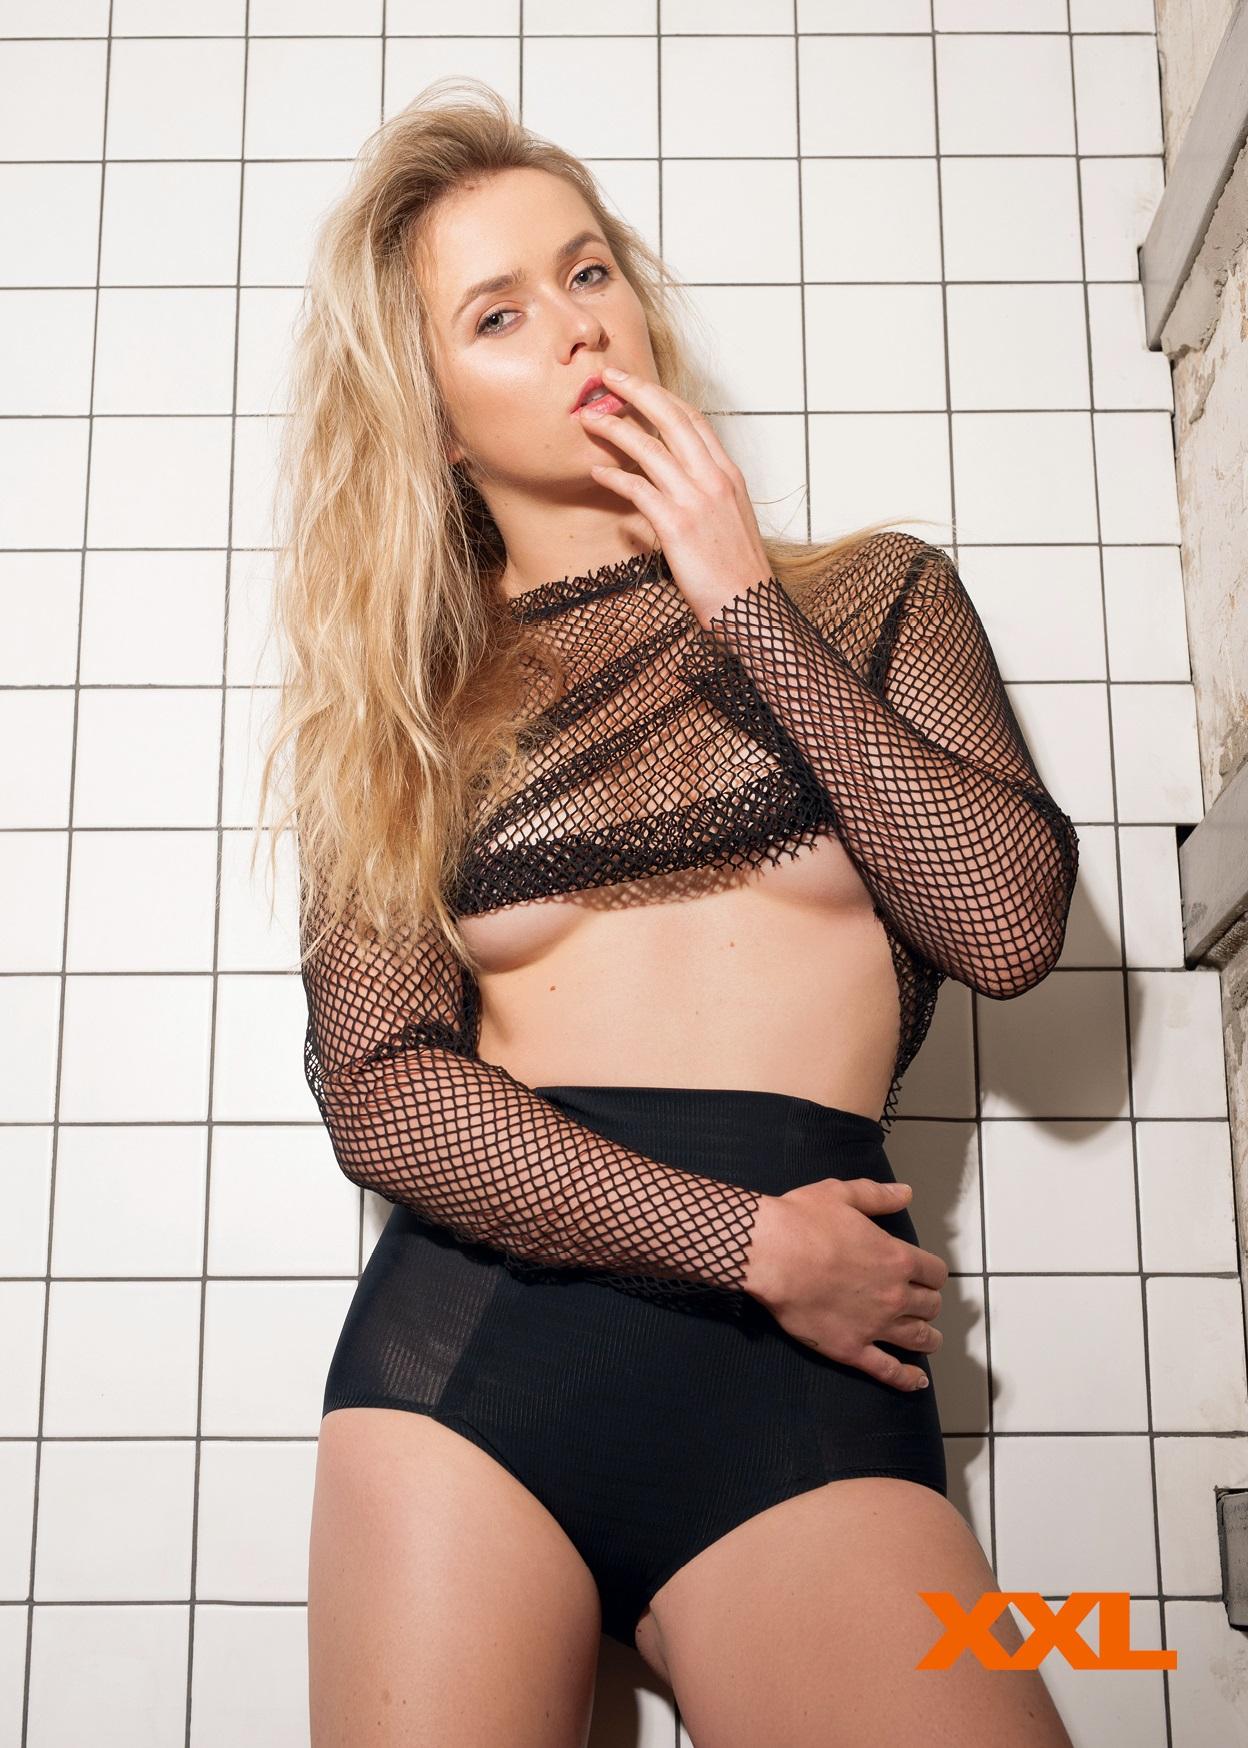 Elina Svitolina - XXL Ukraine (December 2017)